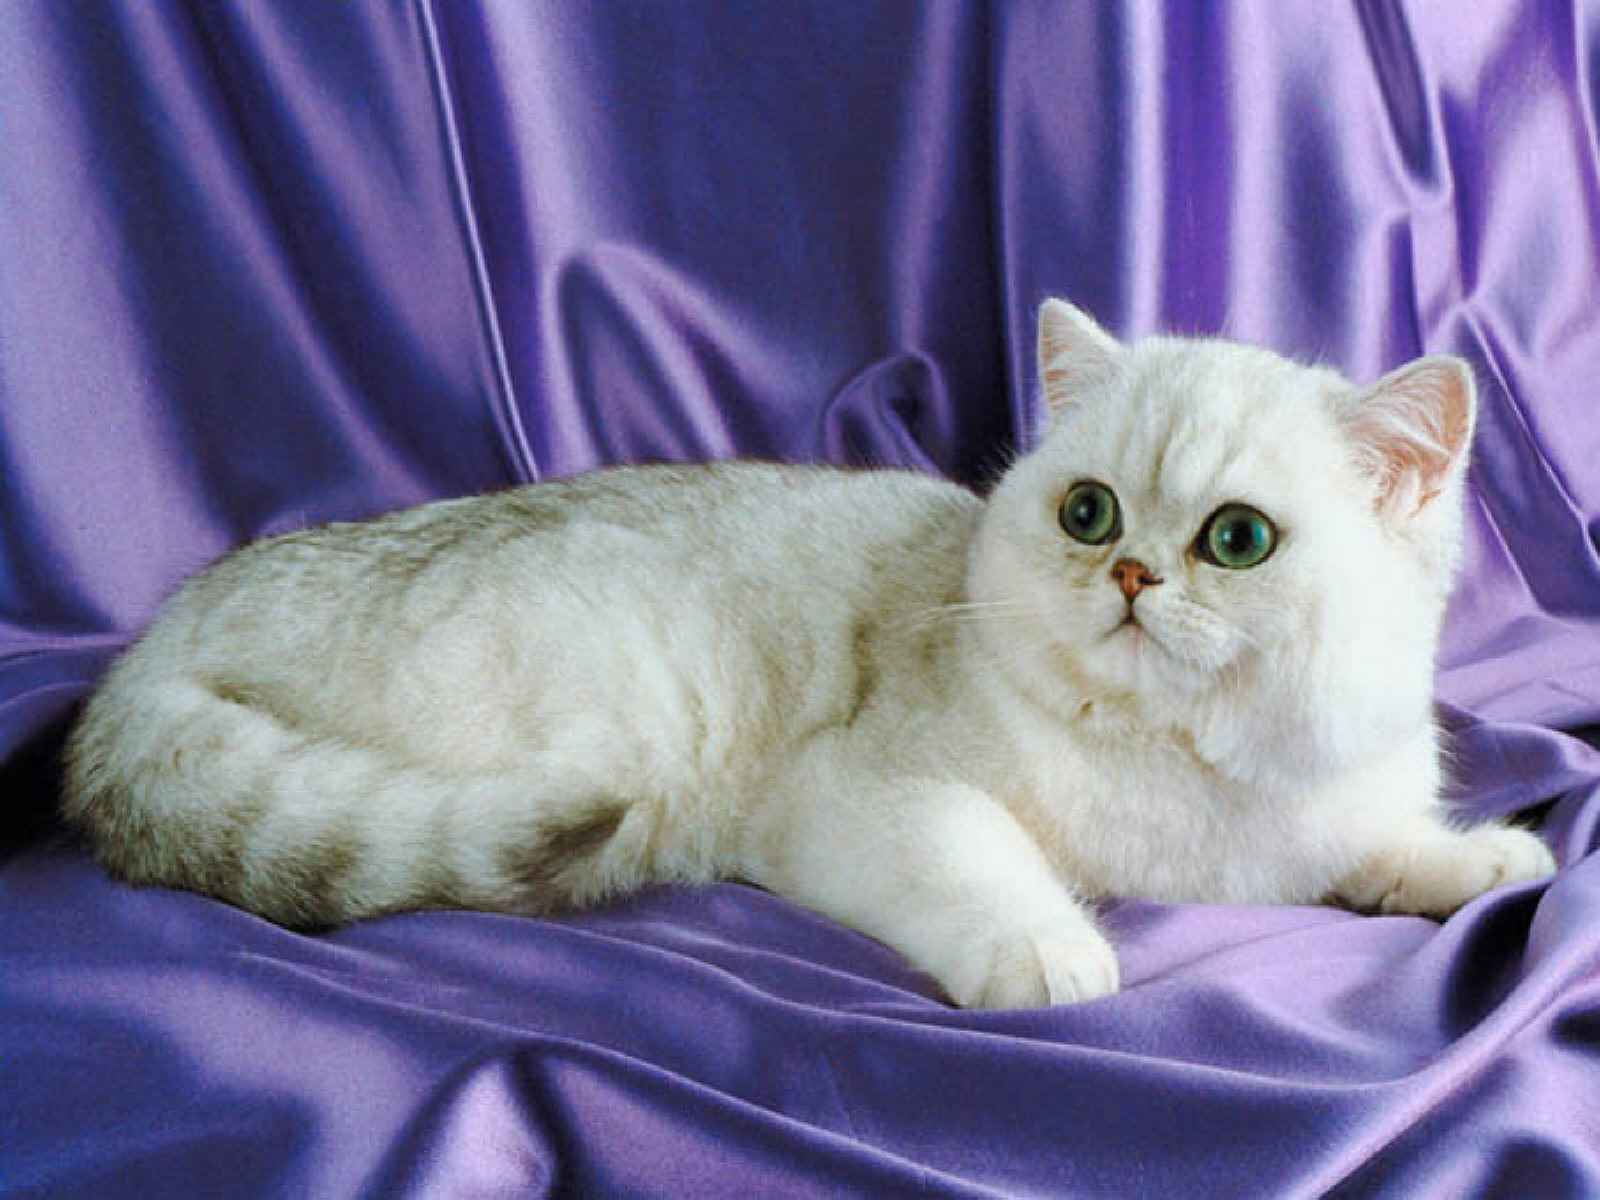 Лучшие фото природы и животных, прикольные фото - Фото кошек - Лучшие фото животных...